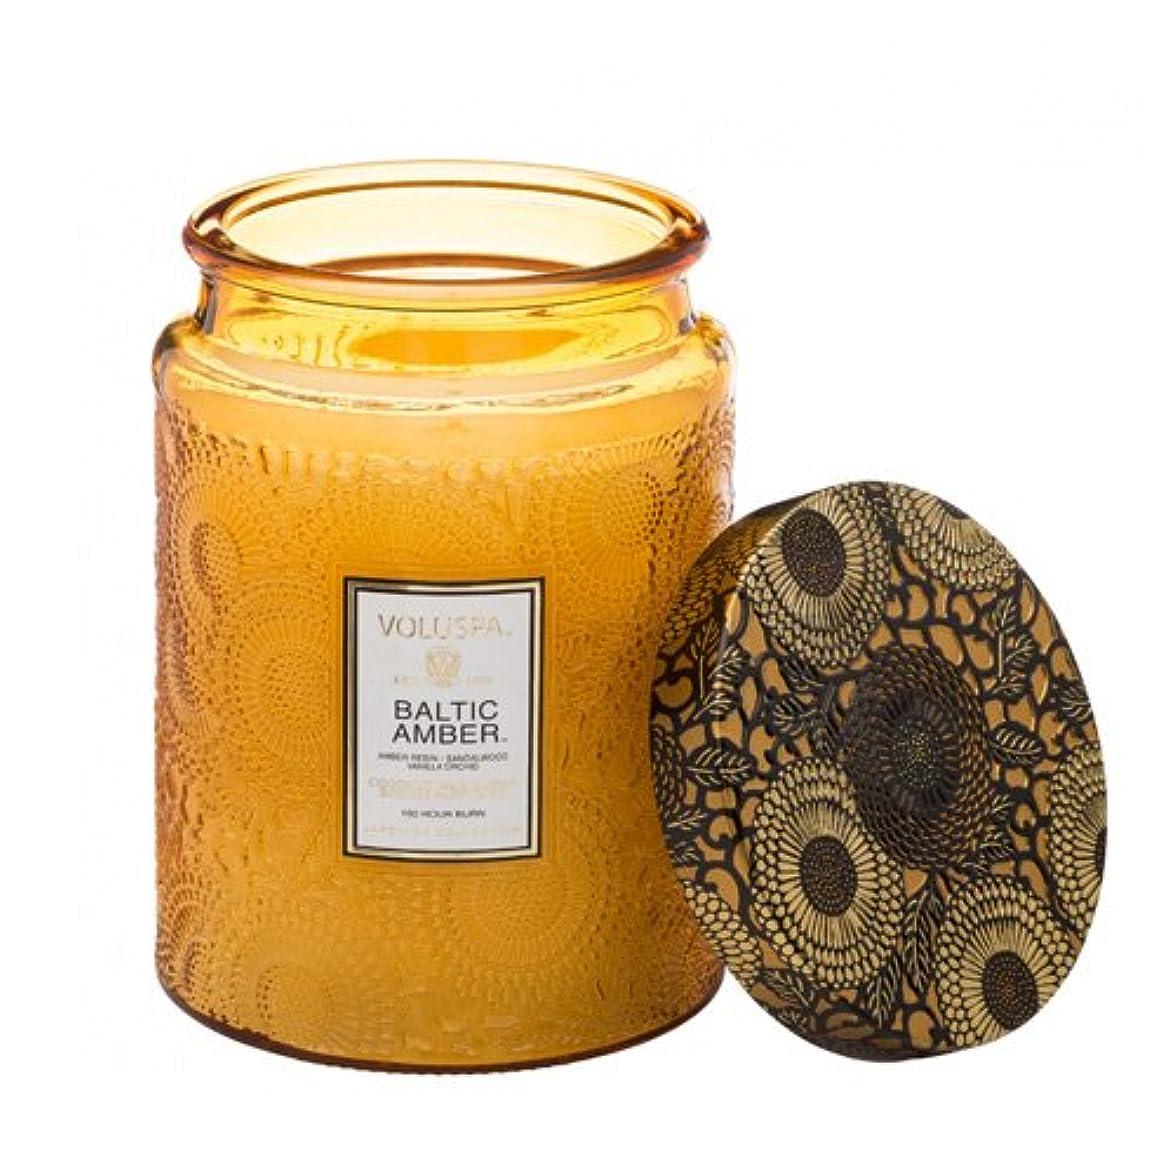 中絶好ましい風景Voluspa ボルスパ ジャポニカ リミテッド グラスジャーキャンドル  L バルティックアンバー BALTIC AMBER JAPONICA Limited LARGE EMBOSSED Glass jar candle